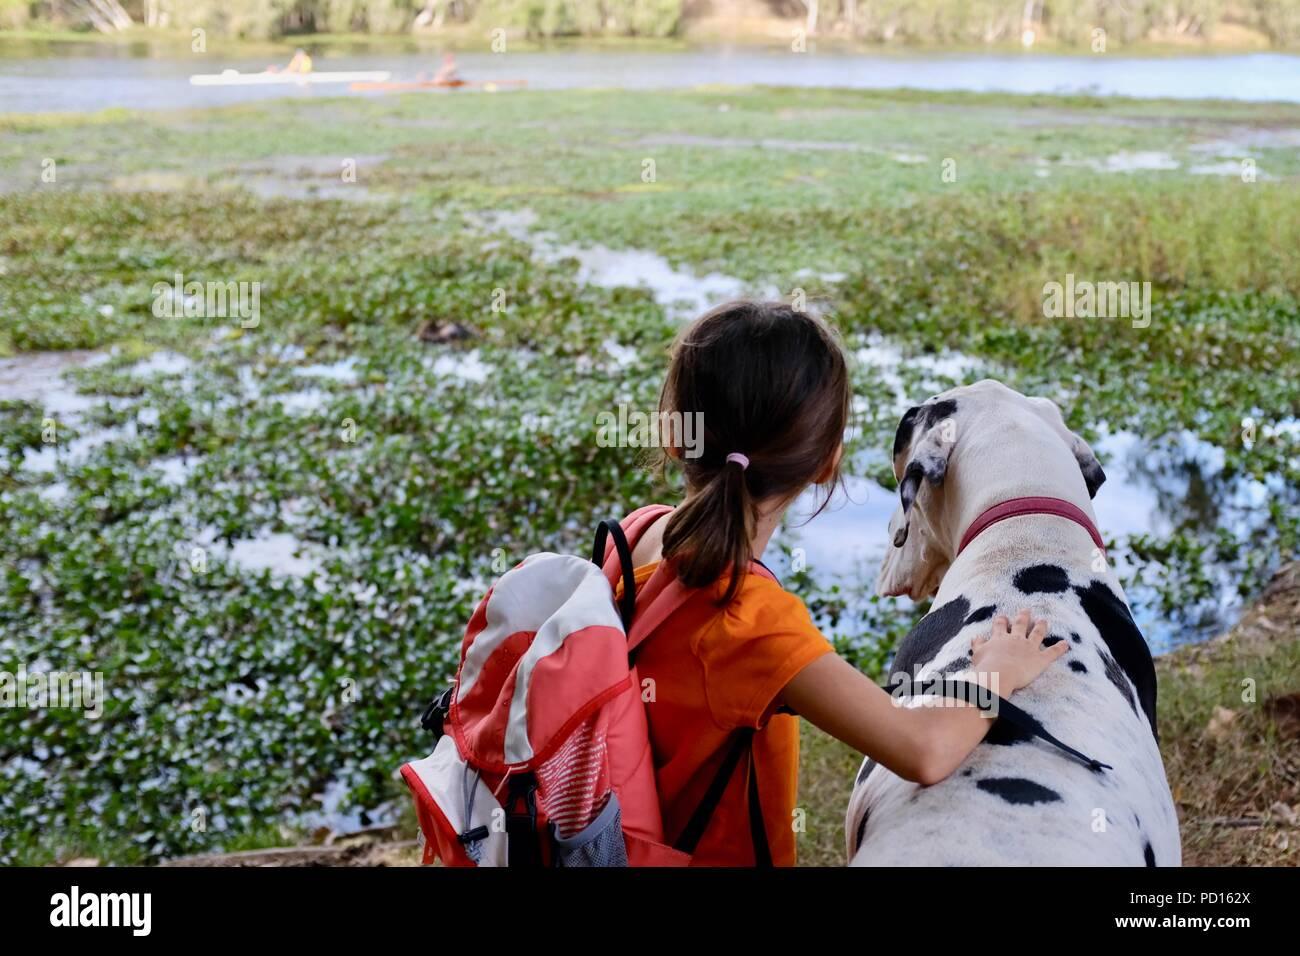 Una giovane ragazza in bianco e nero un alano cane insieme che si affaccia su un fiume, Booroona sentiero a piedi sul fiume Ross, Rasmussen QLD 4815, Australia Immagini Stock